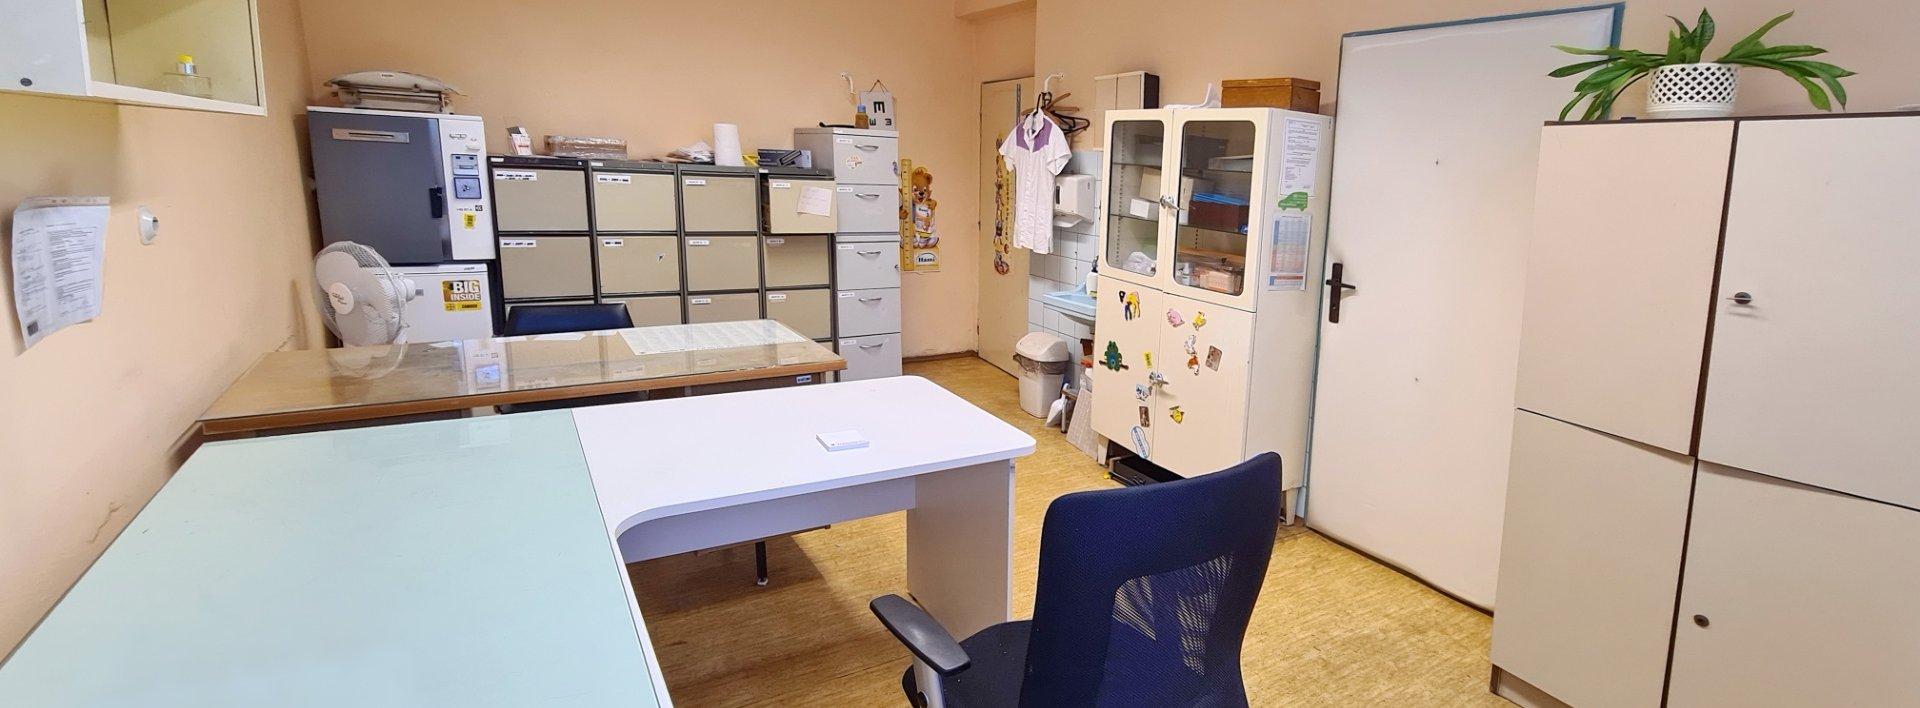 Pronájem - dvě místnosti s možností propojení, Ev.č.: N49099